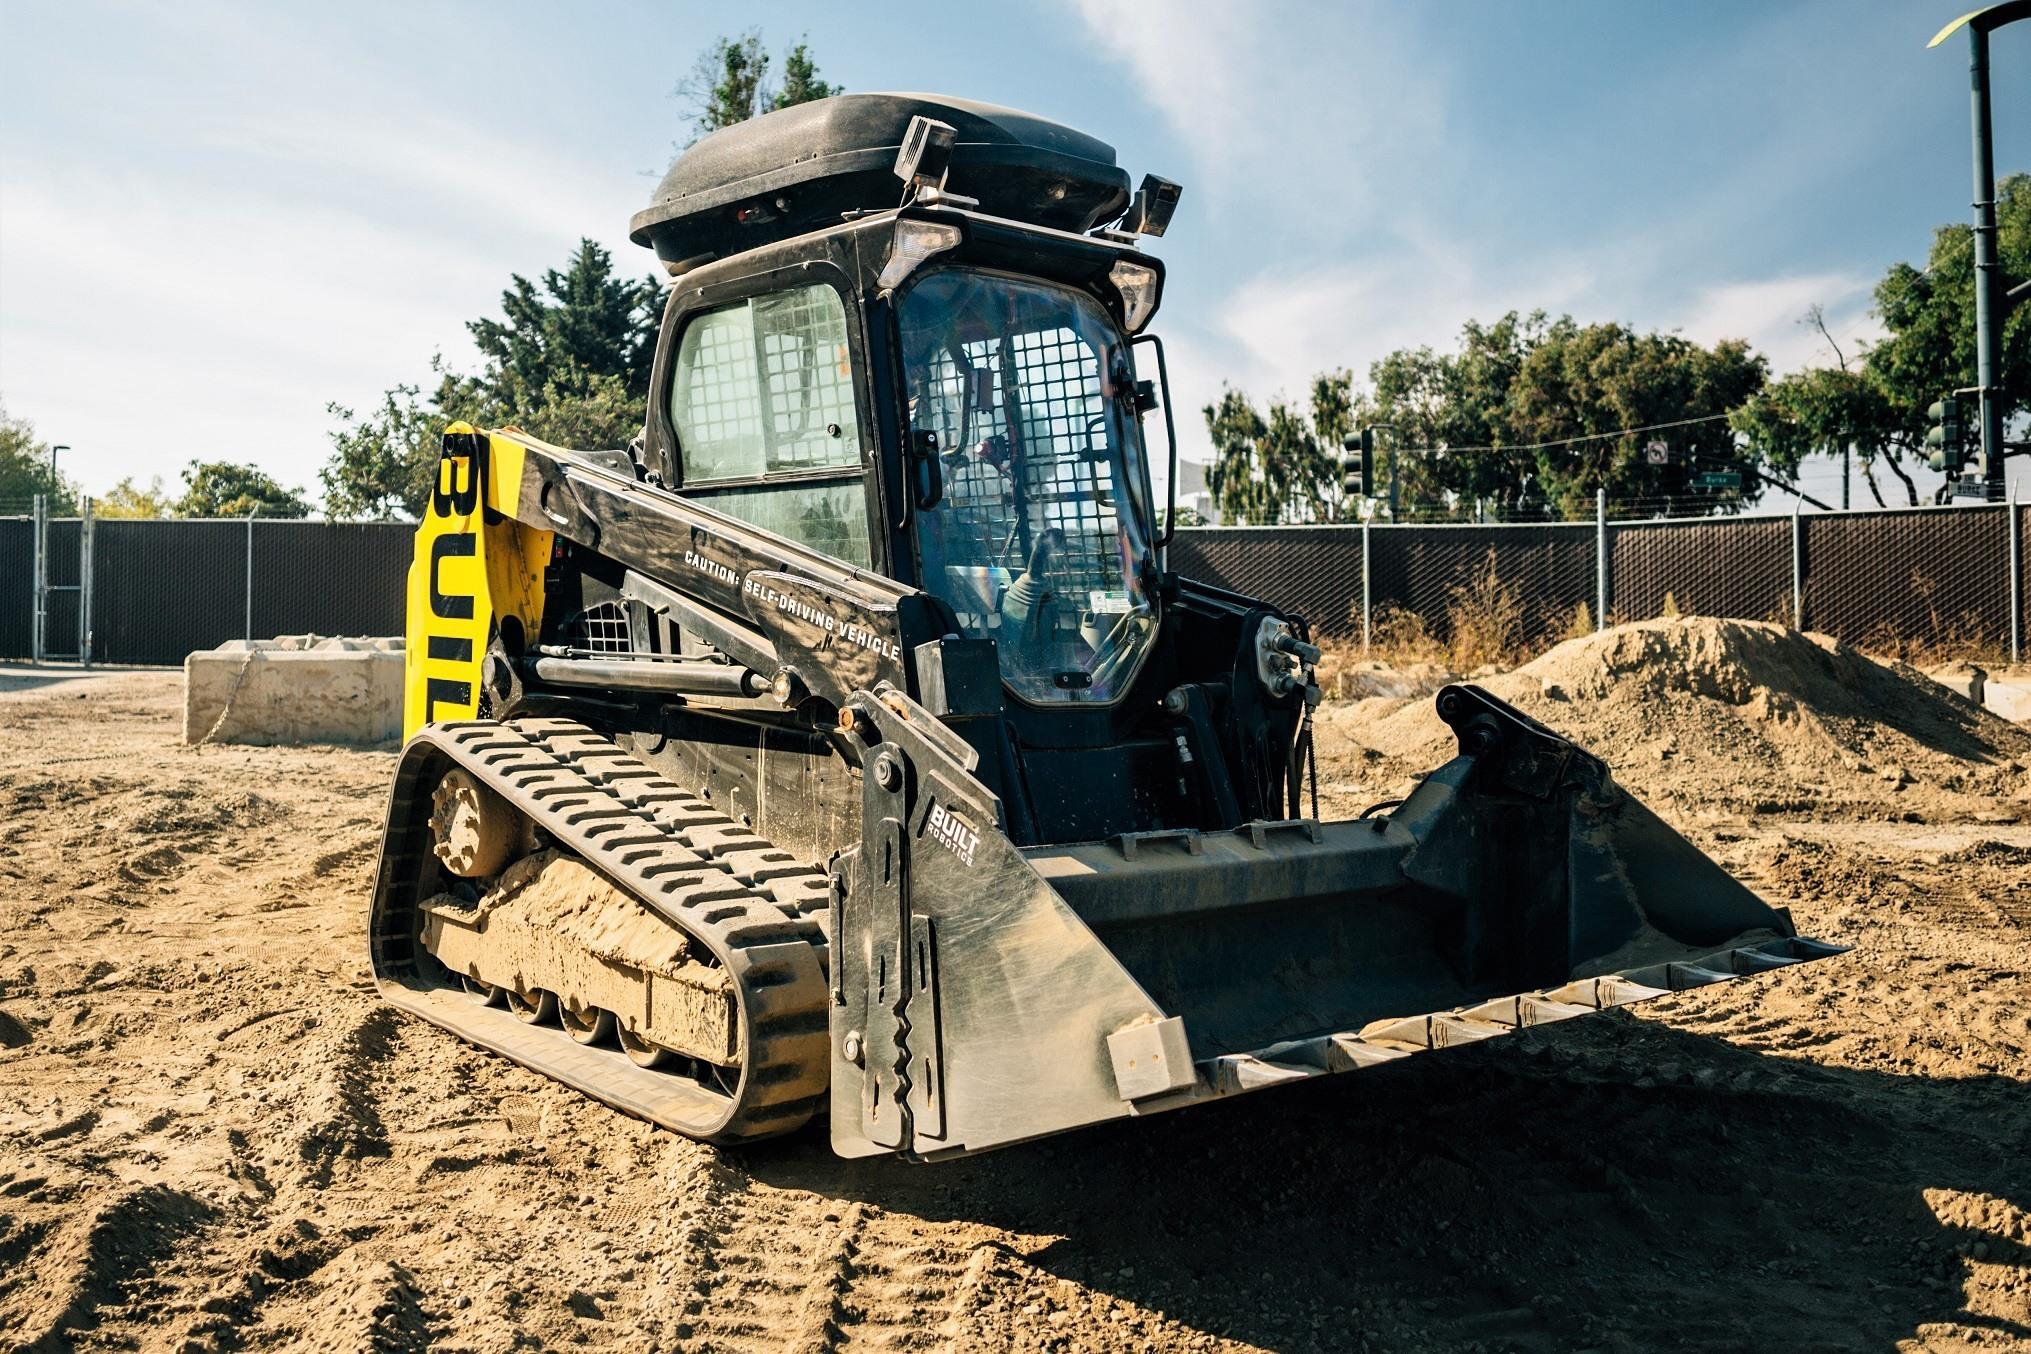 Autonomous Track Loader Performs Low Level Excavation Grading Tasks